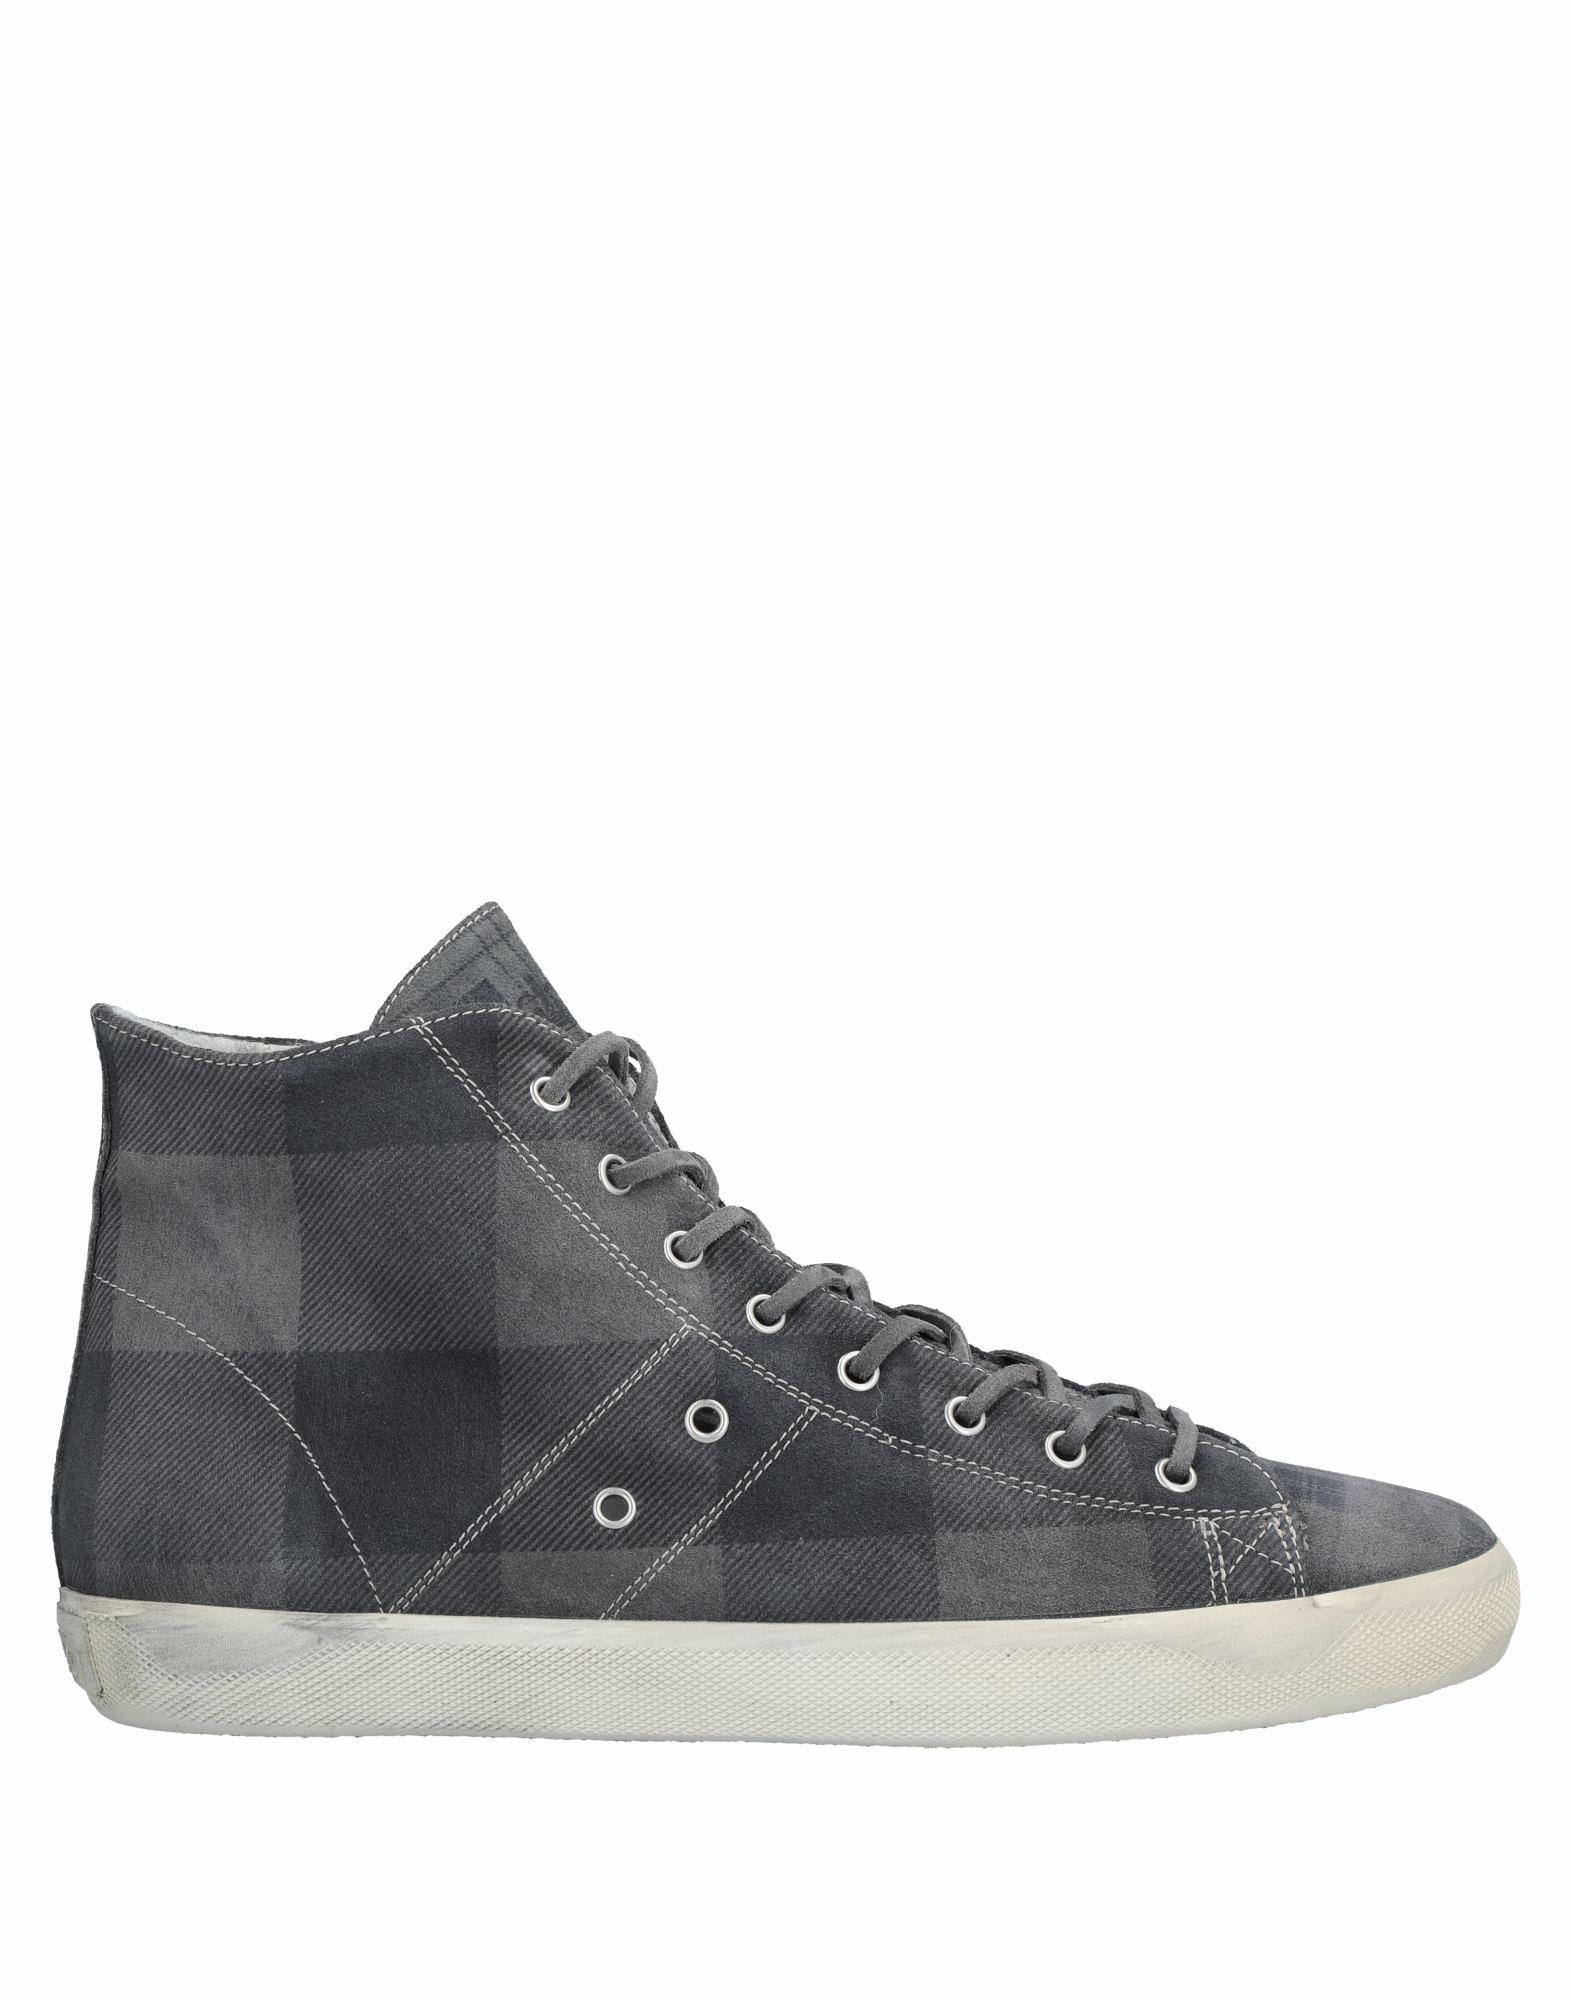 Sneakers 11417735BU Leather Crown Uomo - 11417735BU Sneakers f1c37b